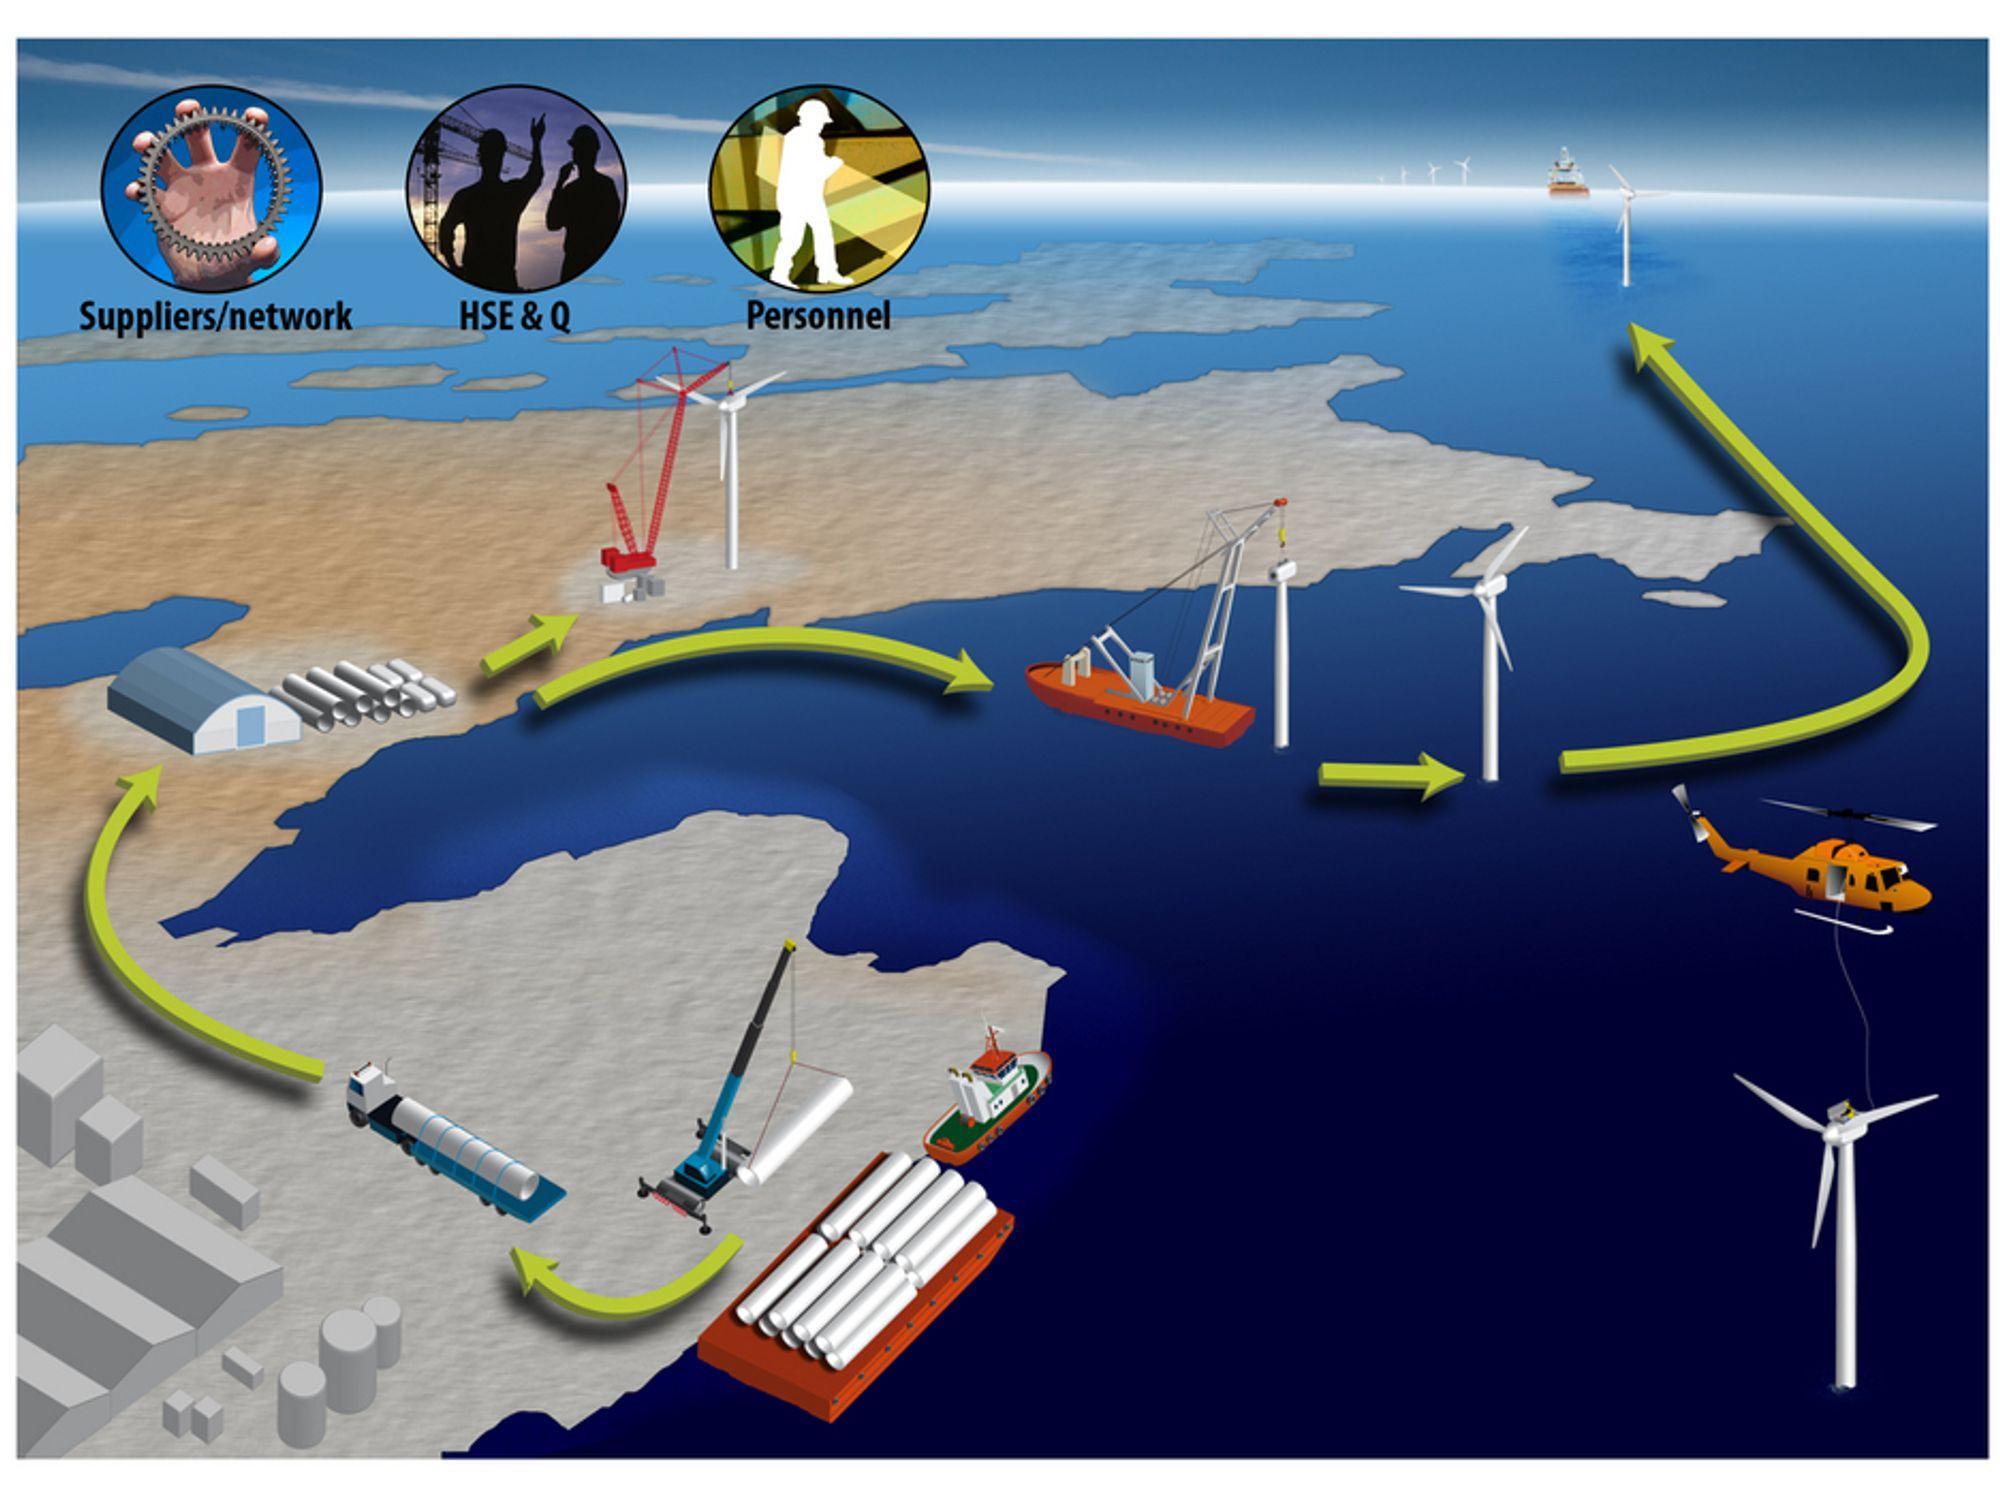 LOGISTIKK: Slik illustrerer CCB hvordan de ser for seg logistikken med å få inn og levere ut igjen vindturbiner etter vedlikehold eller oppbevaring ved basen.